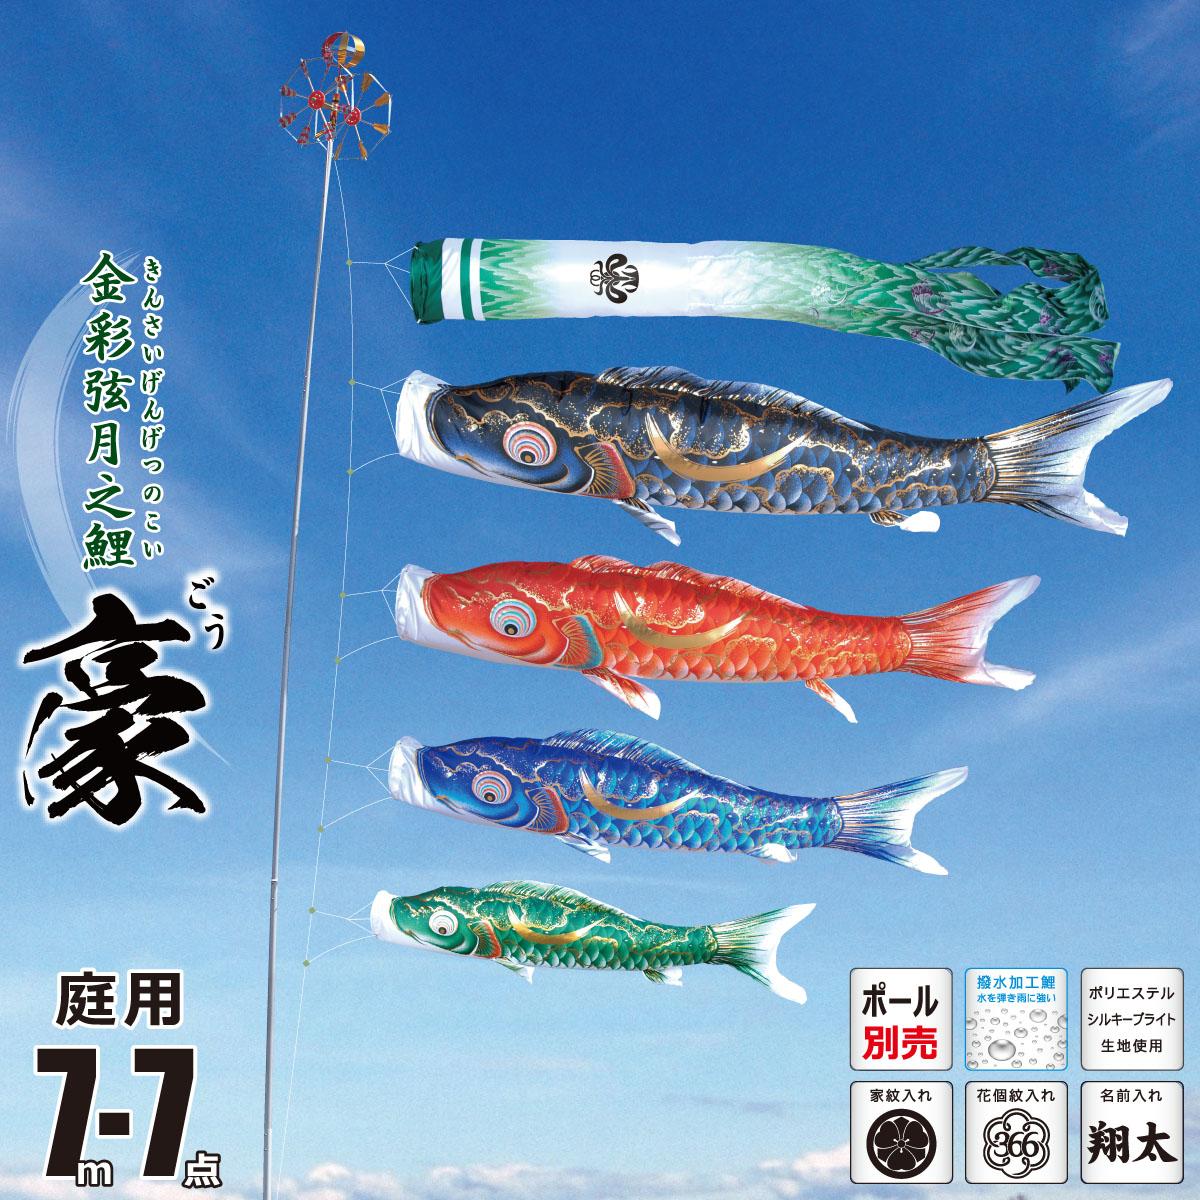 こいのぼり 7m 豪(ごう) 7点 (矢車、ロープ、吹流し、鯉4匹) 庭園用 (ポール別売り) 徳永鯉のぼり KIT-001-807